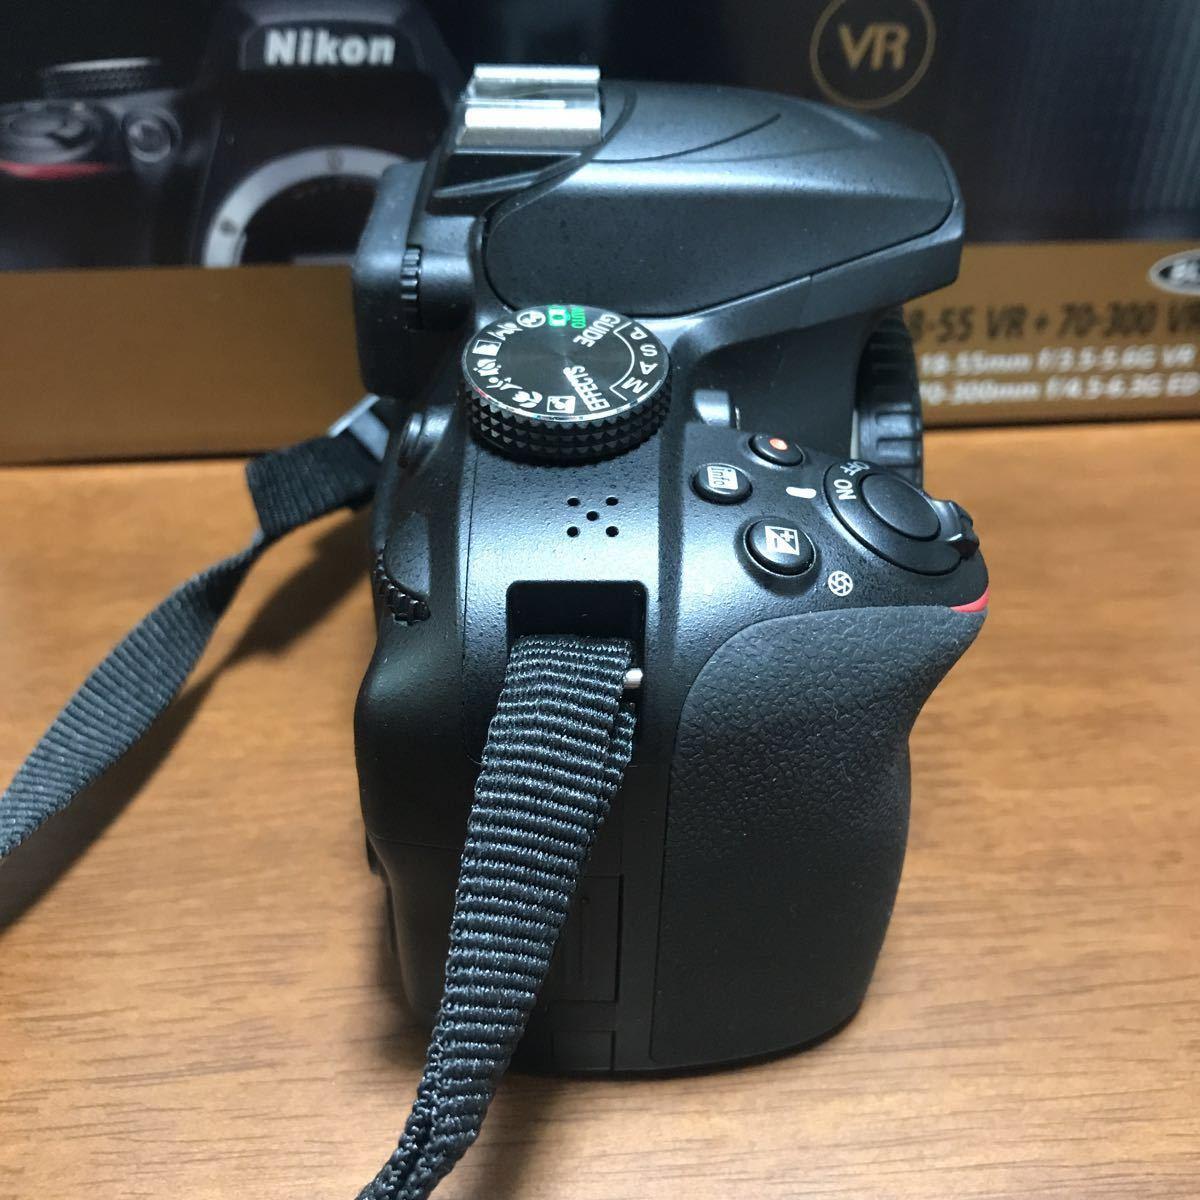 【中古】ニコン NIKON D3400 デジタル一眼レフカメラ ボディ APSーC オマケ ケース ライト_画像5